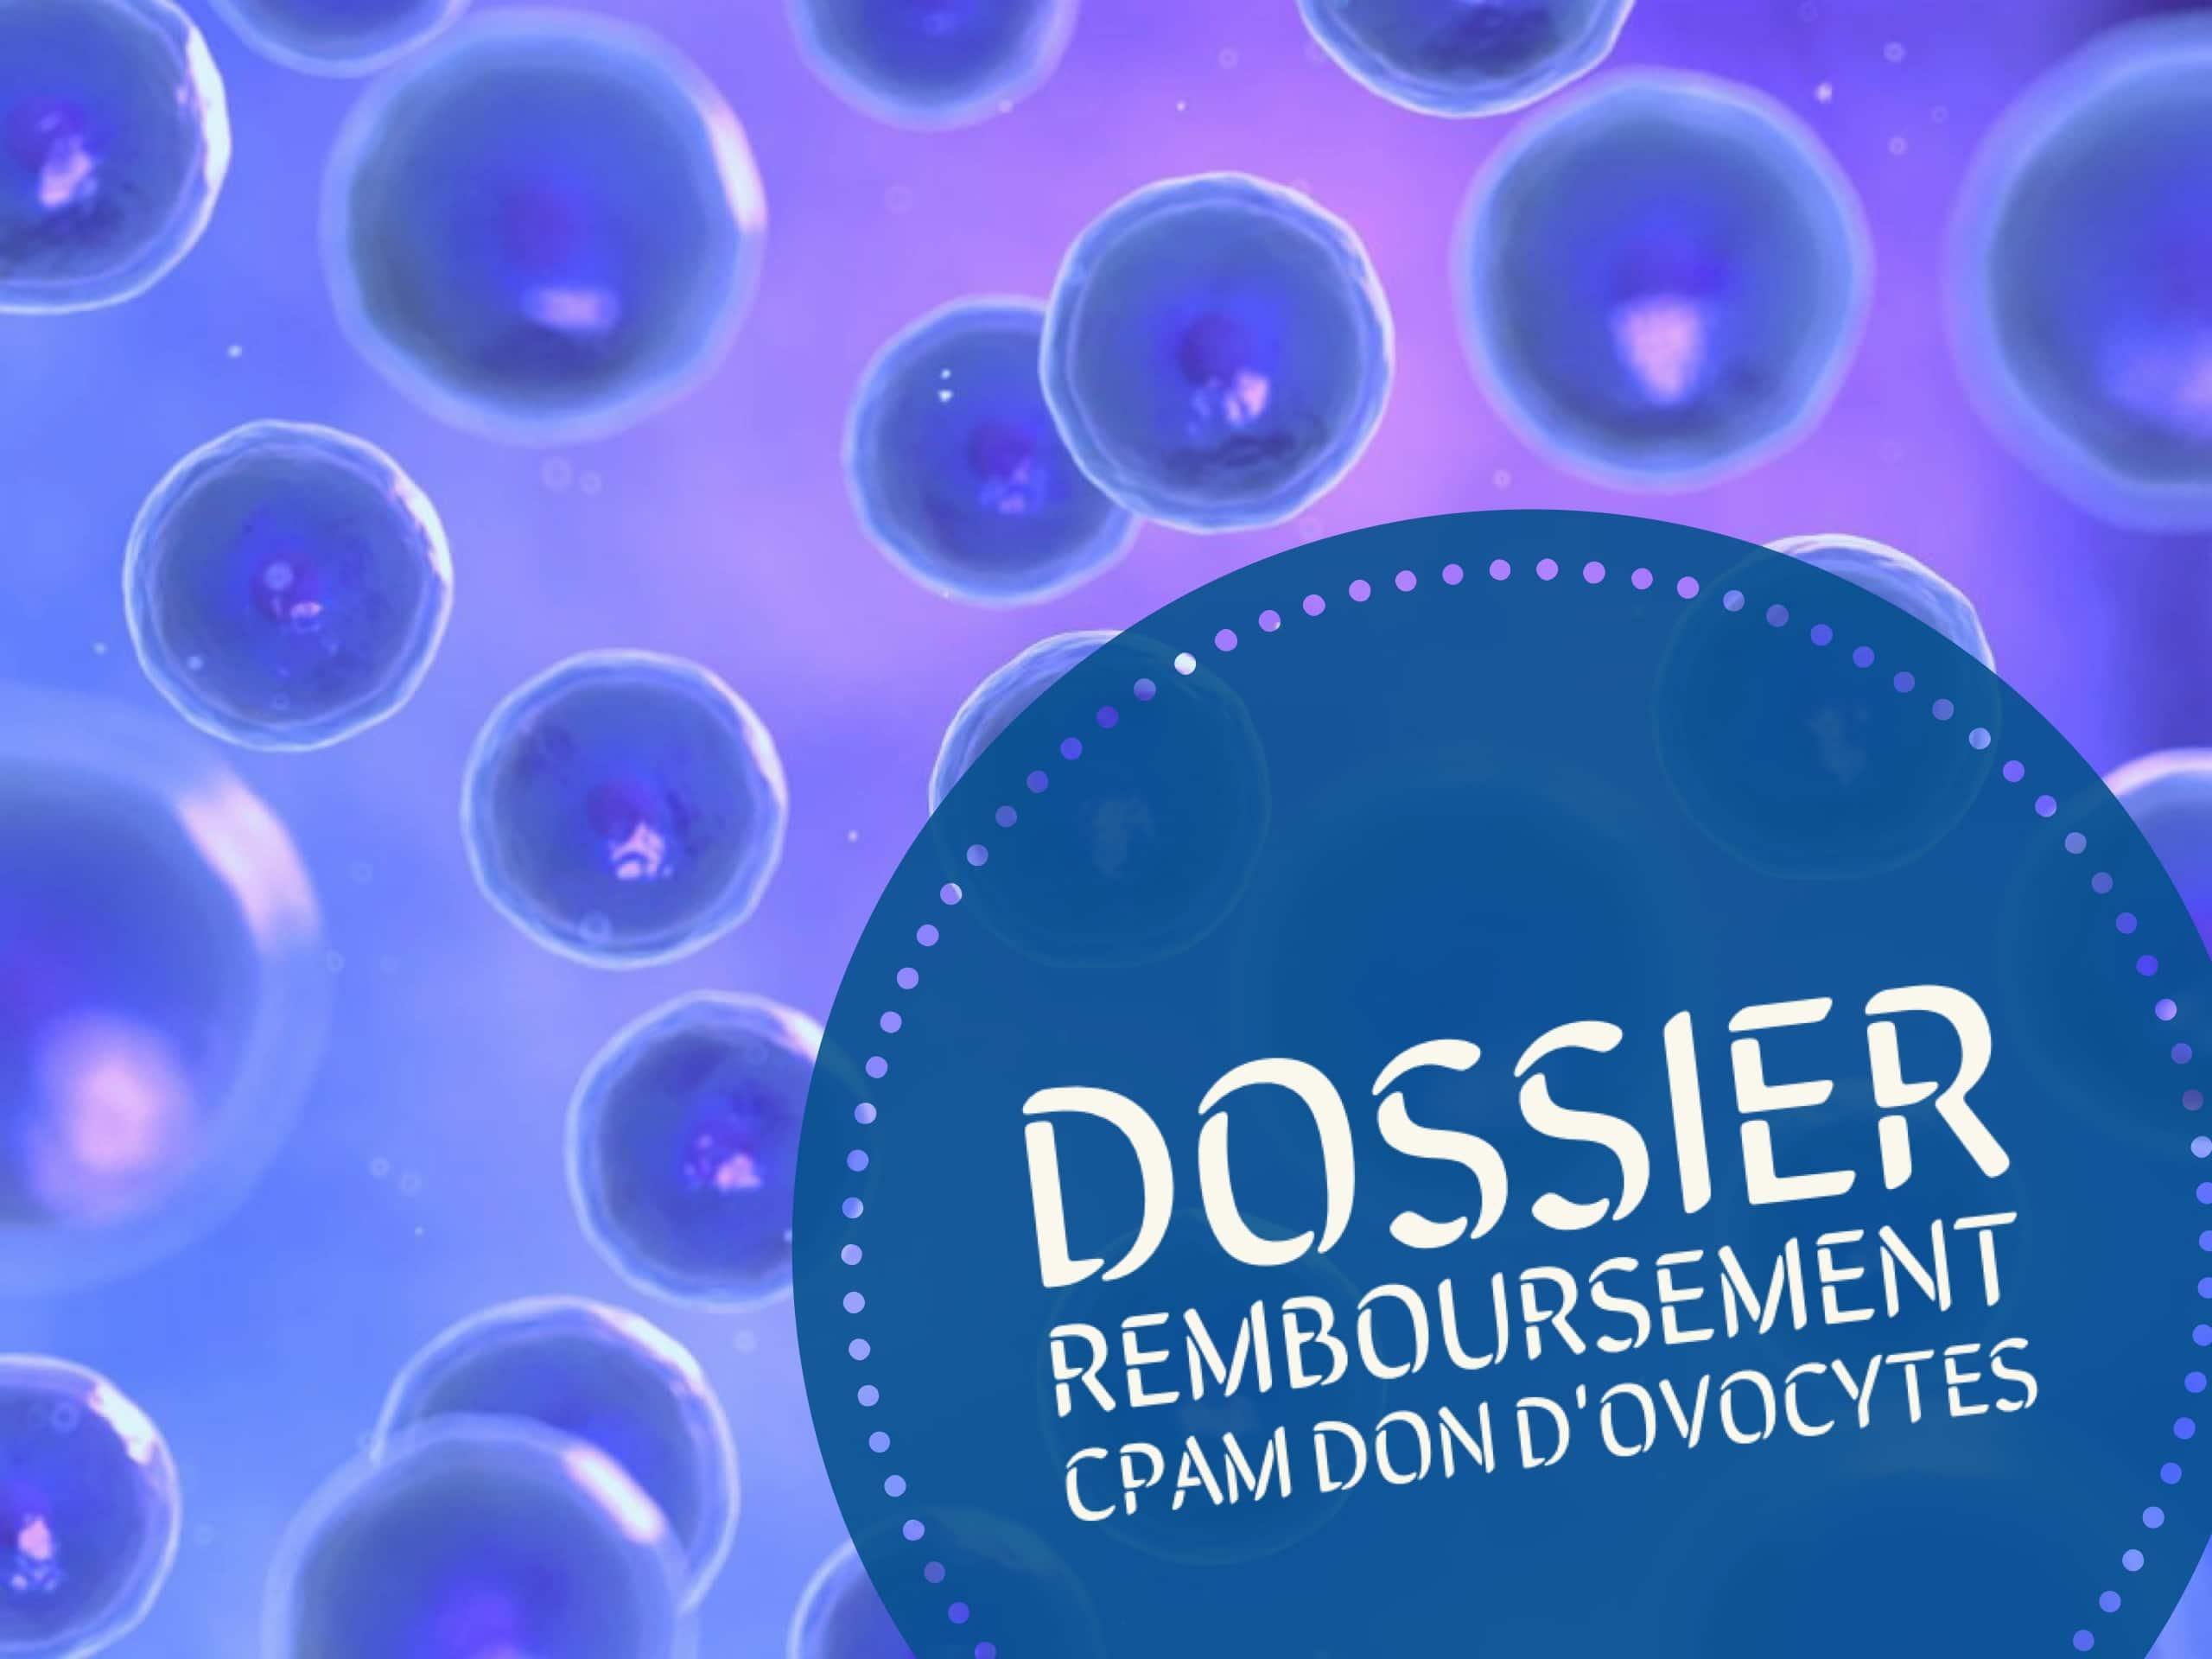 Dossier de remboursement CPAM don d'ovocyte (fiv-do)